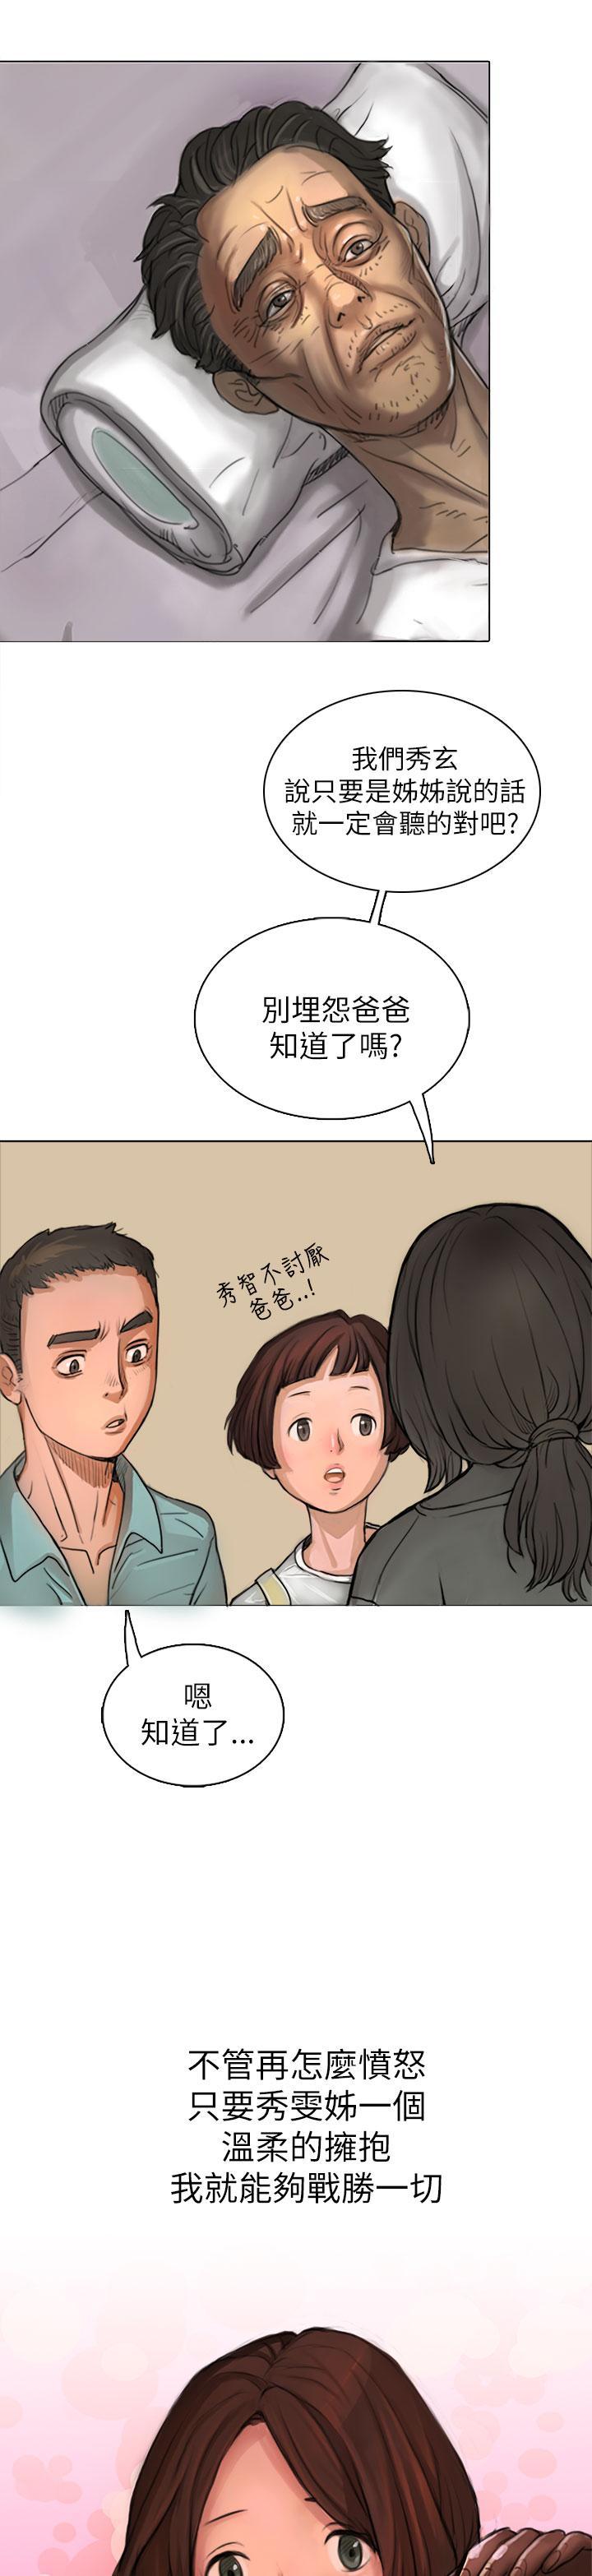 姊姊: 莲 第1~10話 [Chinese]中文 43